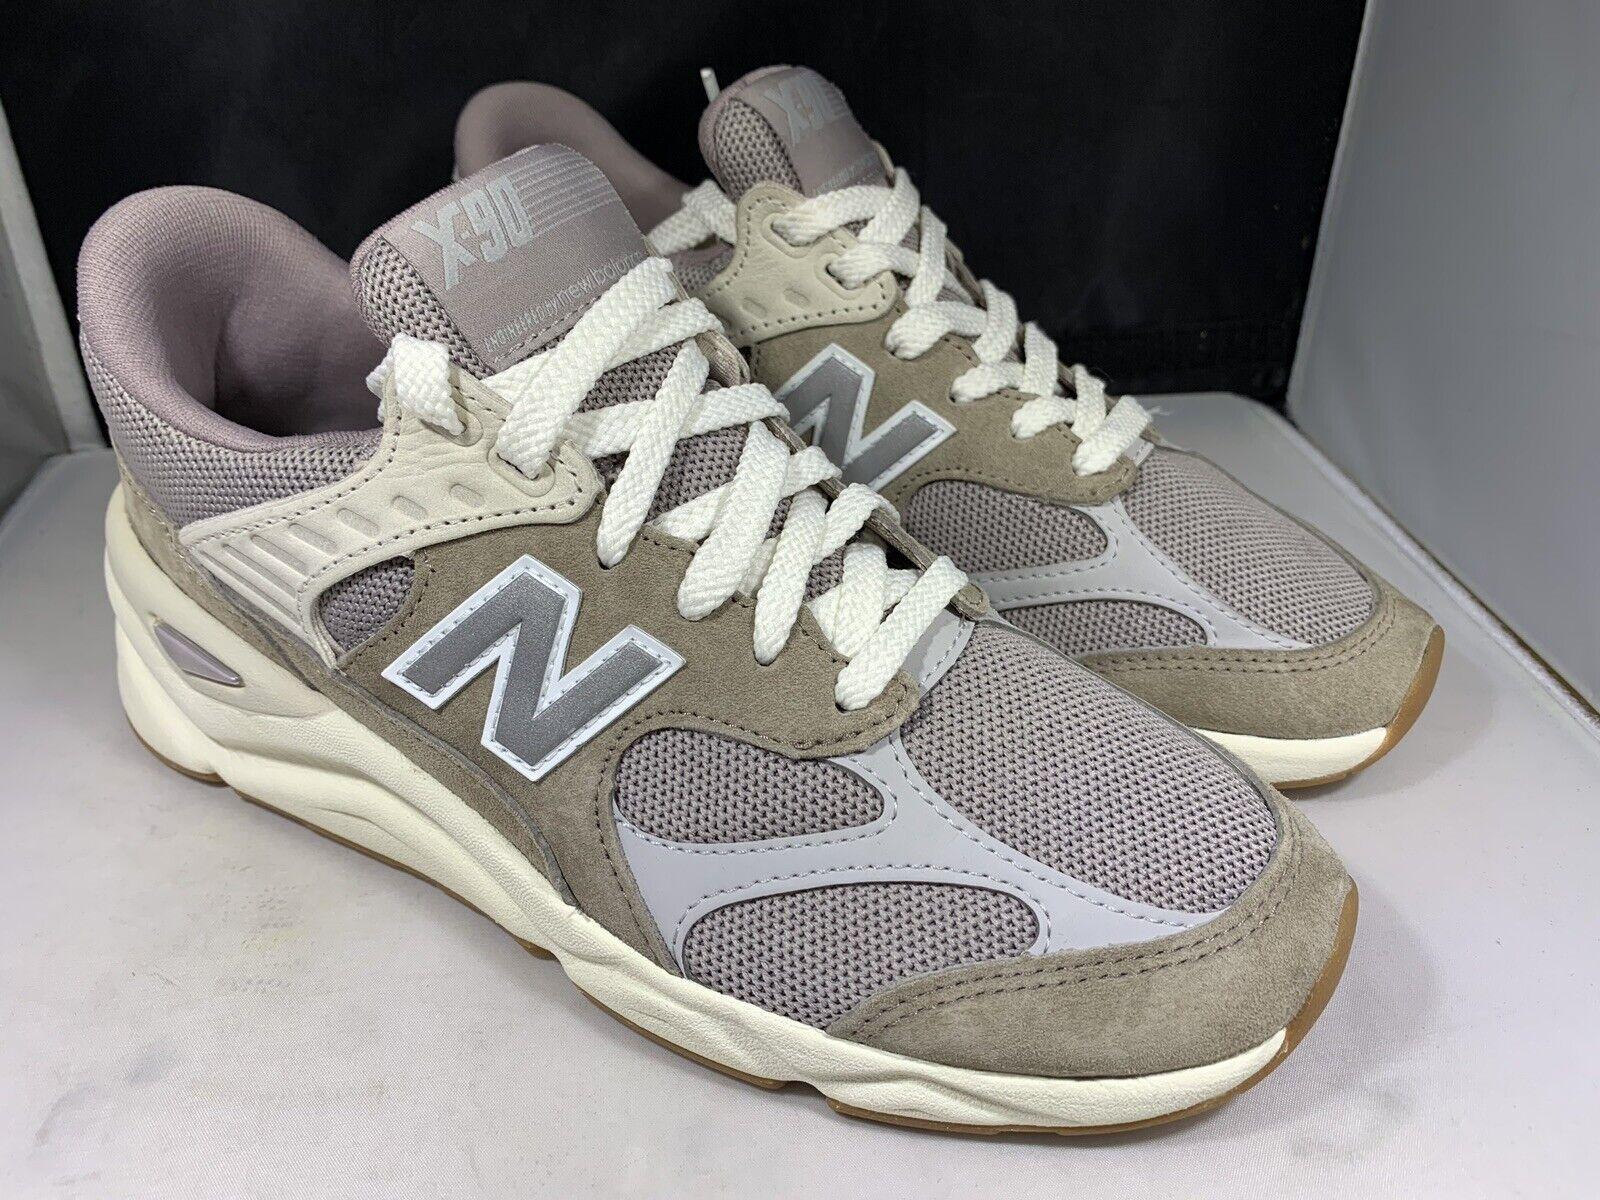 New Balance Mens MSX90RCA tennis shoes size 10 d (d107)